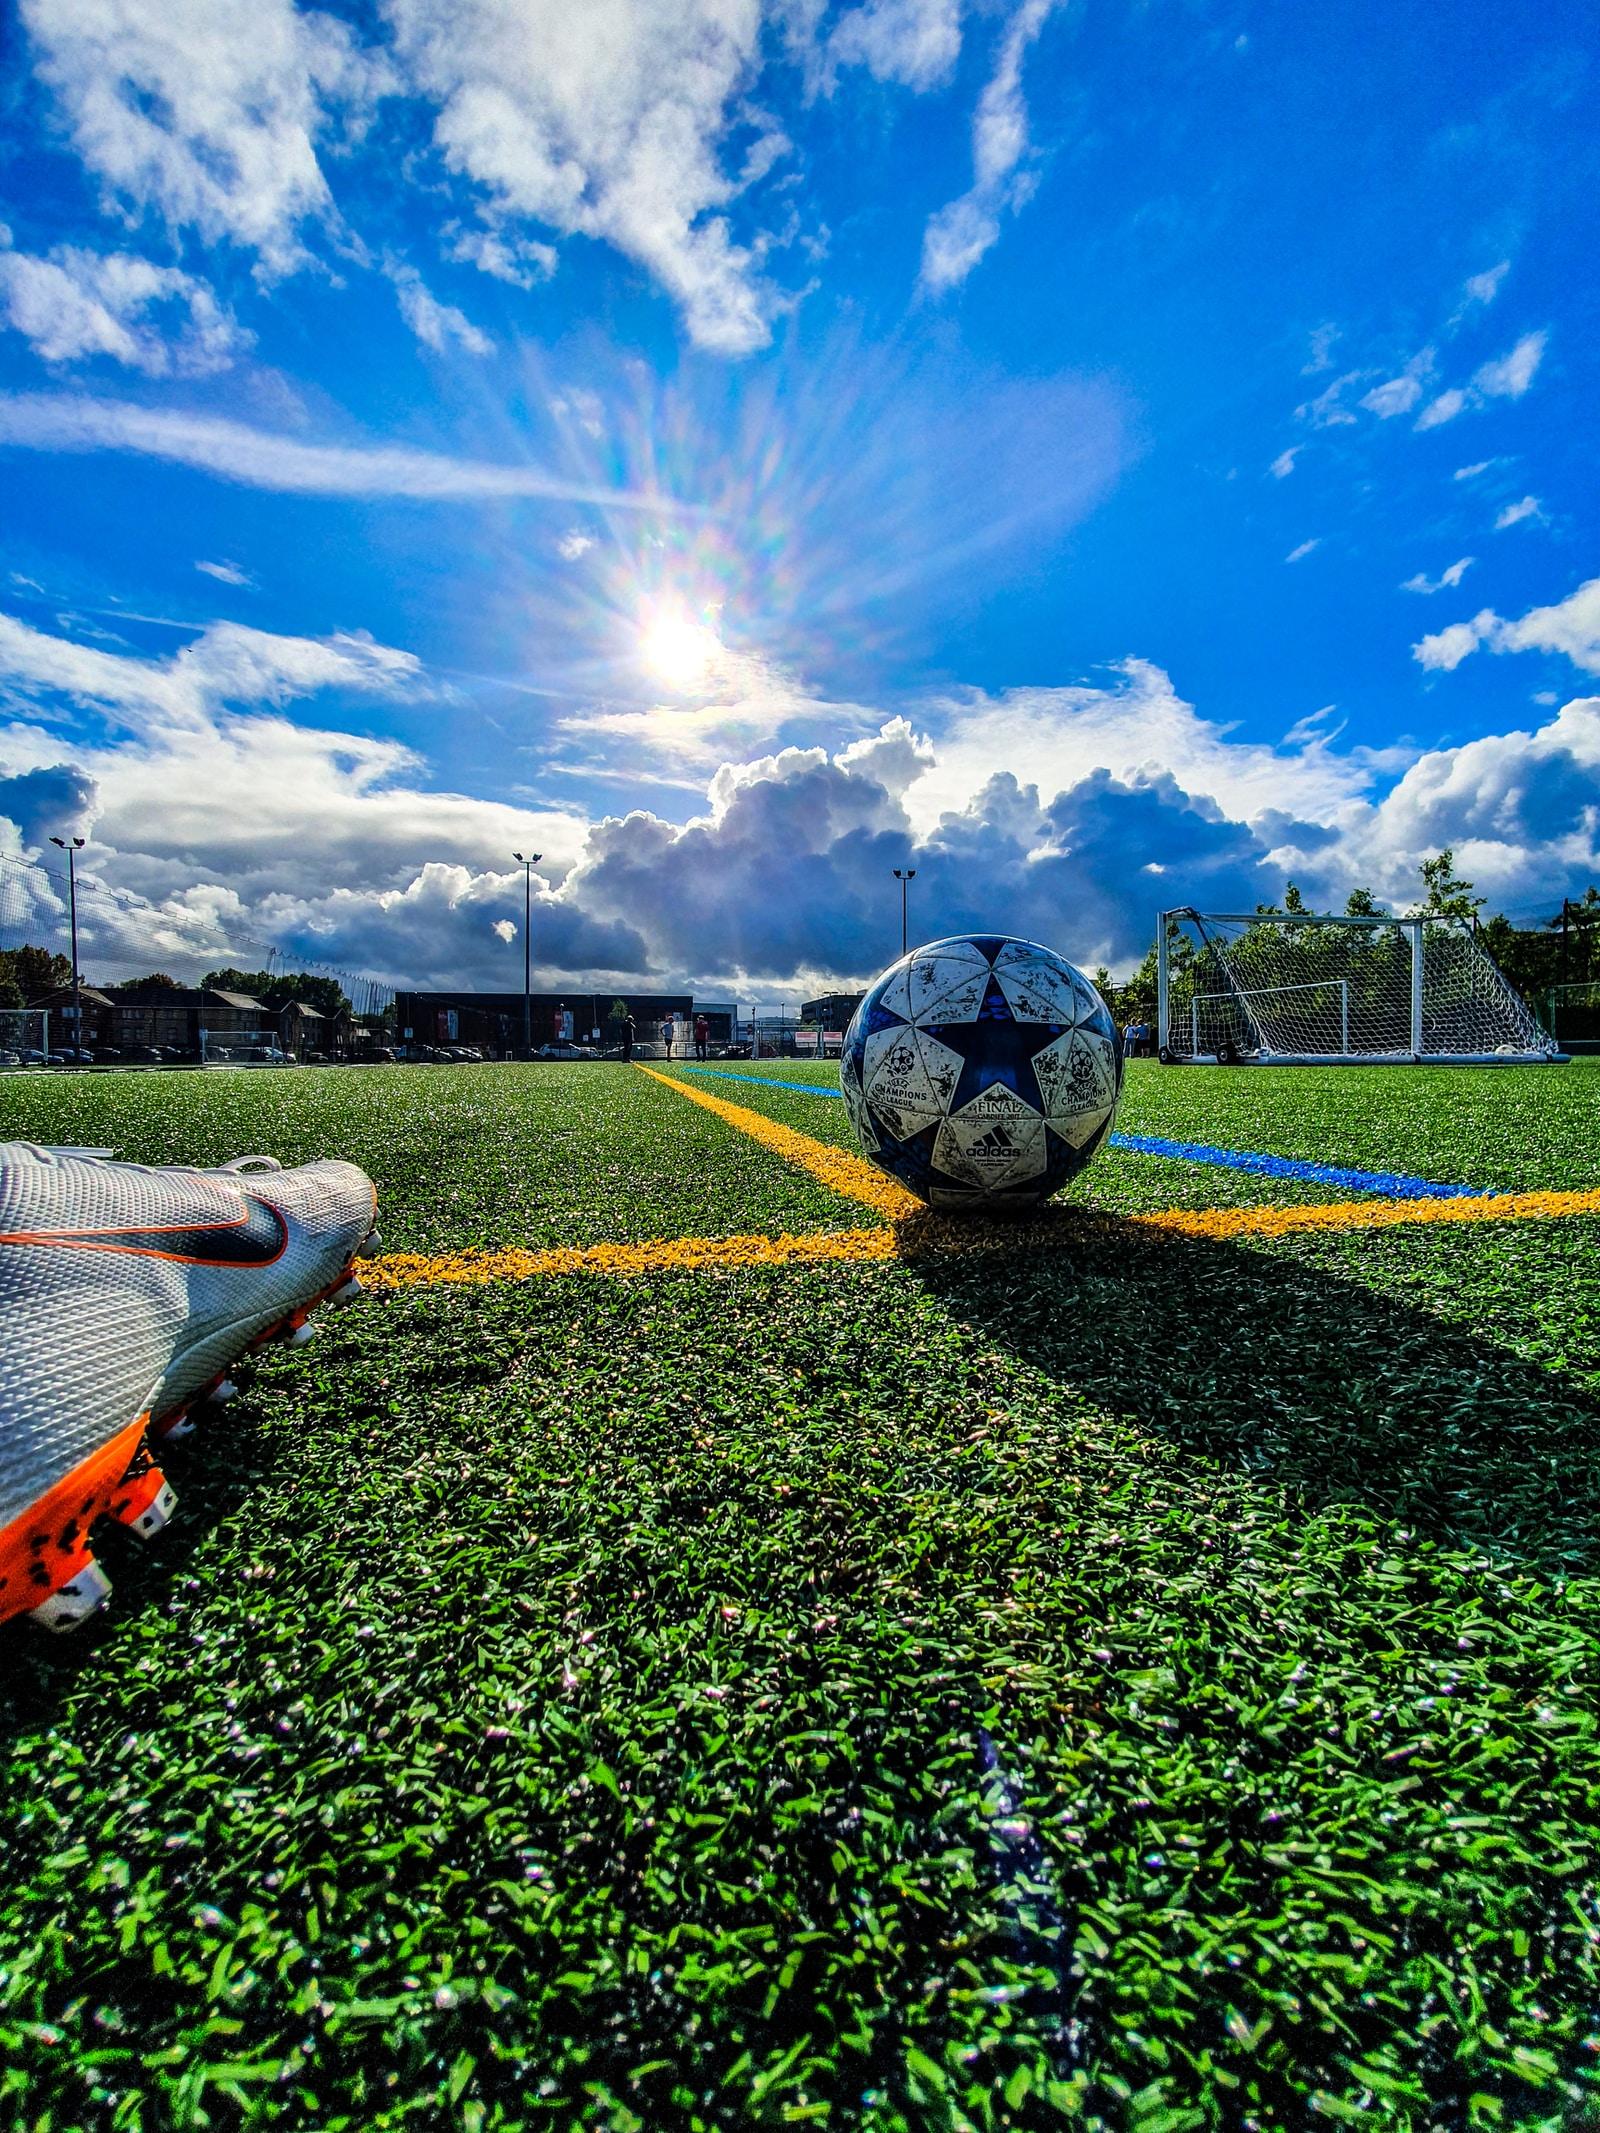 Žoga na nogometnem igrišču, noga igralca, nebo z oblaki in soncem.